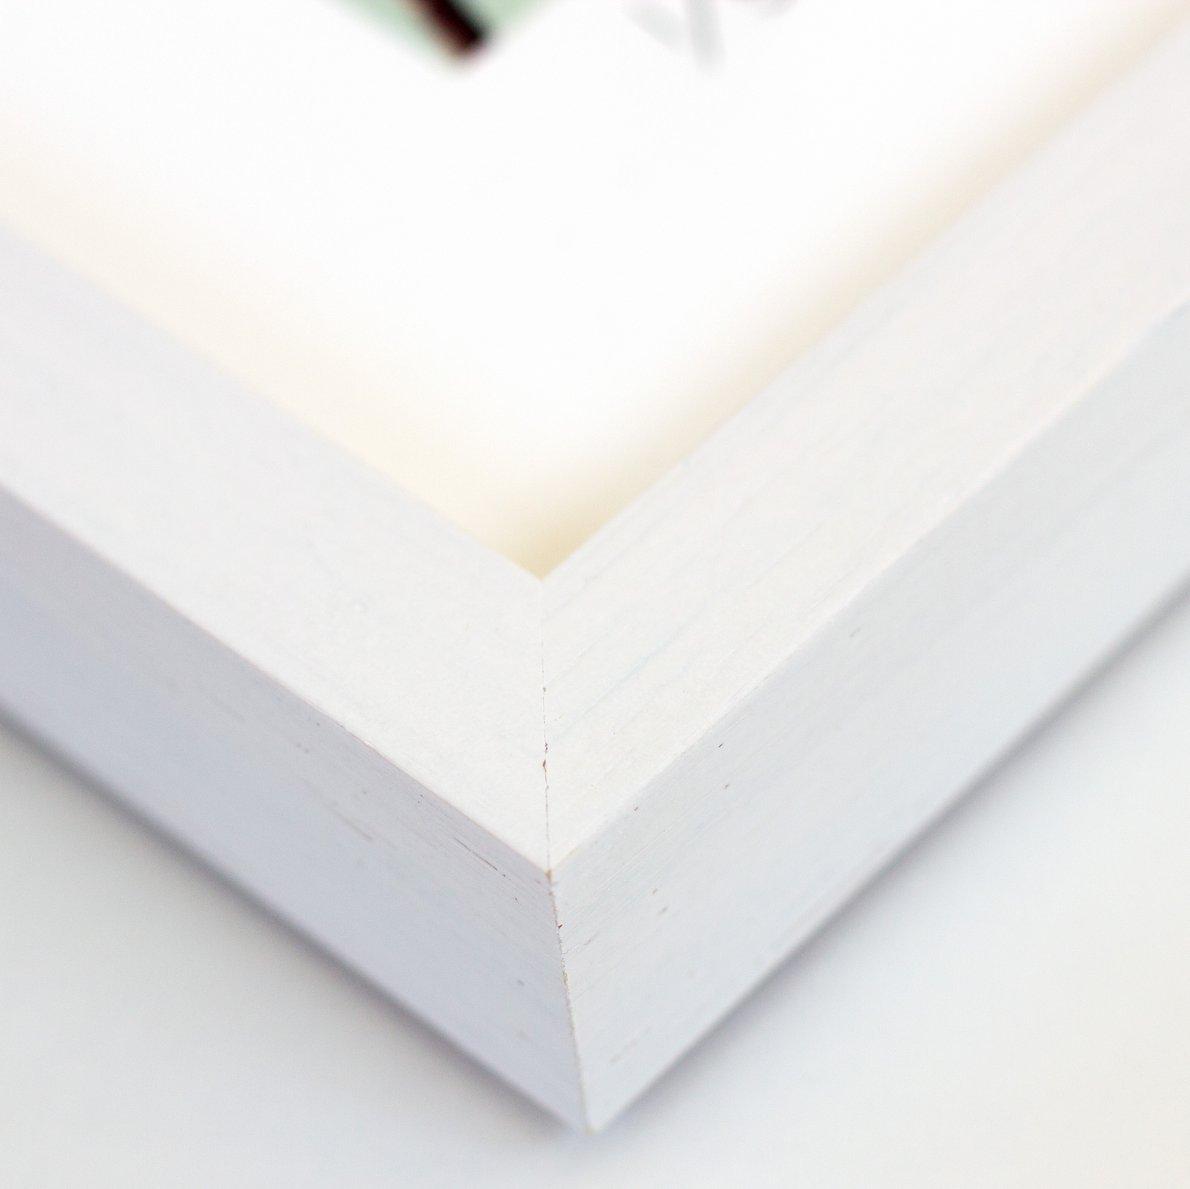 《アートフォト》【ベスト】雪の結晶3/上富良野町〔富良野・高橋真澄〕(レンタル対象)